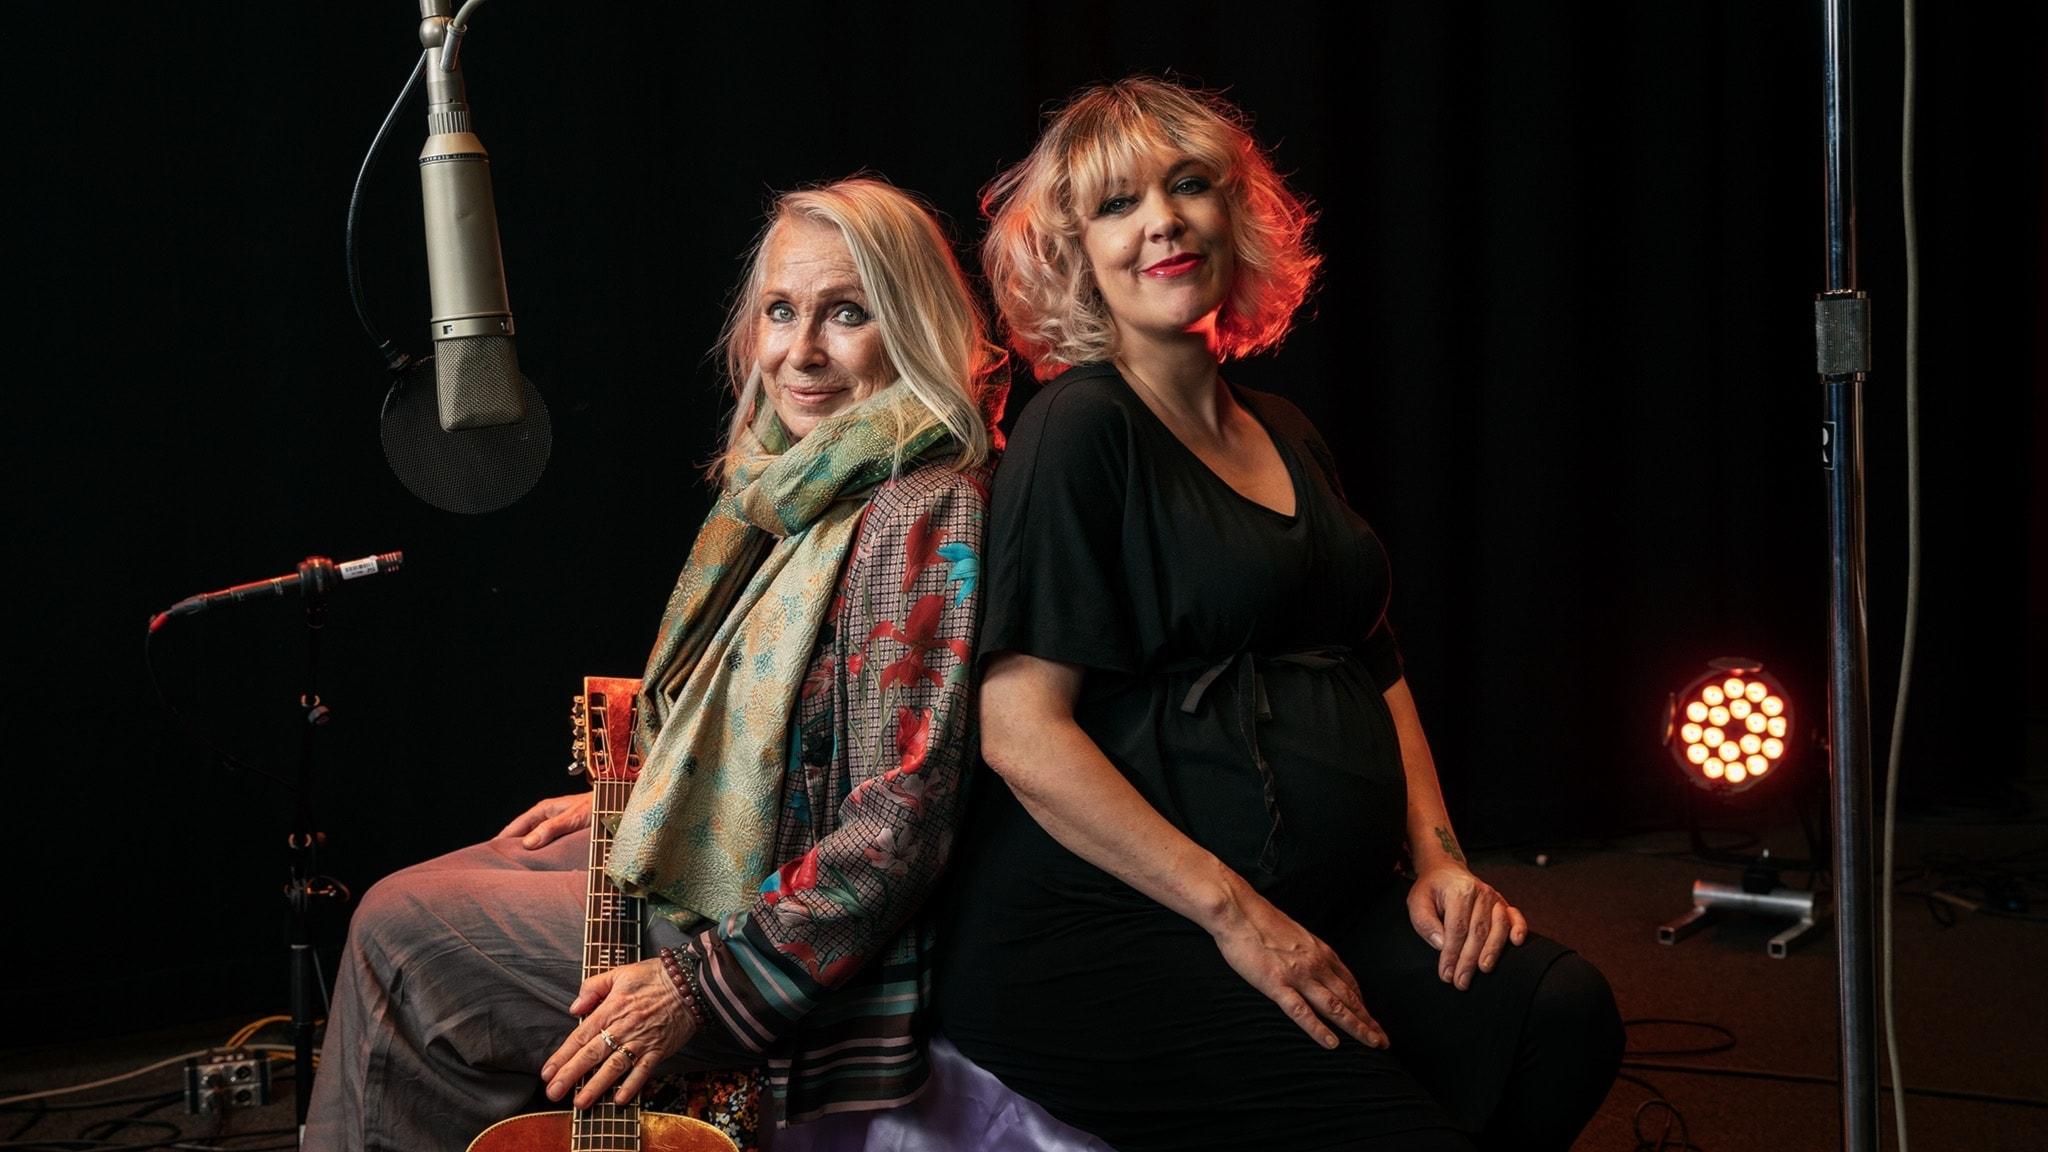 Marie Bergman och Marit Bergman sitter rygg mot rygg. Foto: Mattias Ahlm/Sveriges Radio